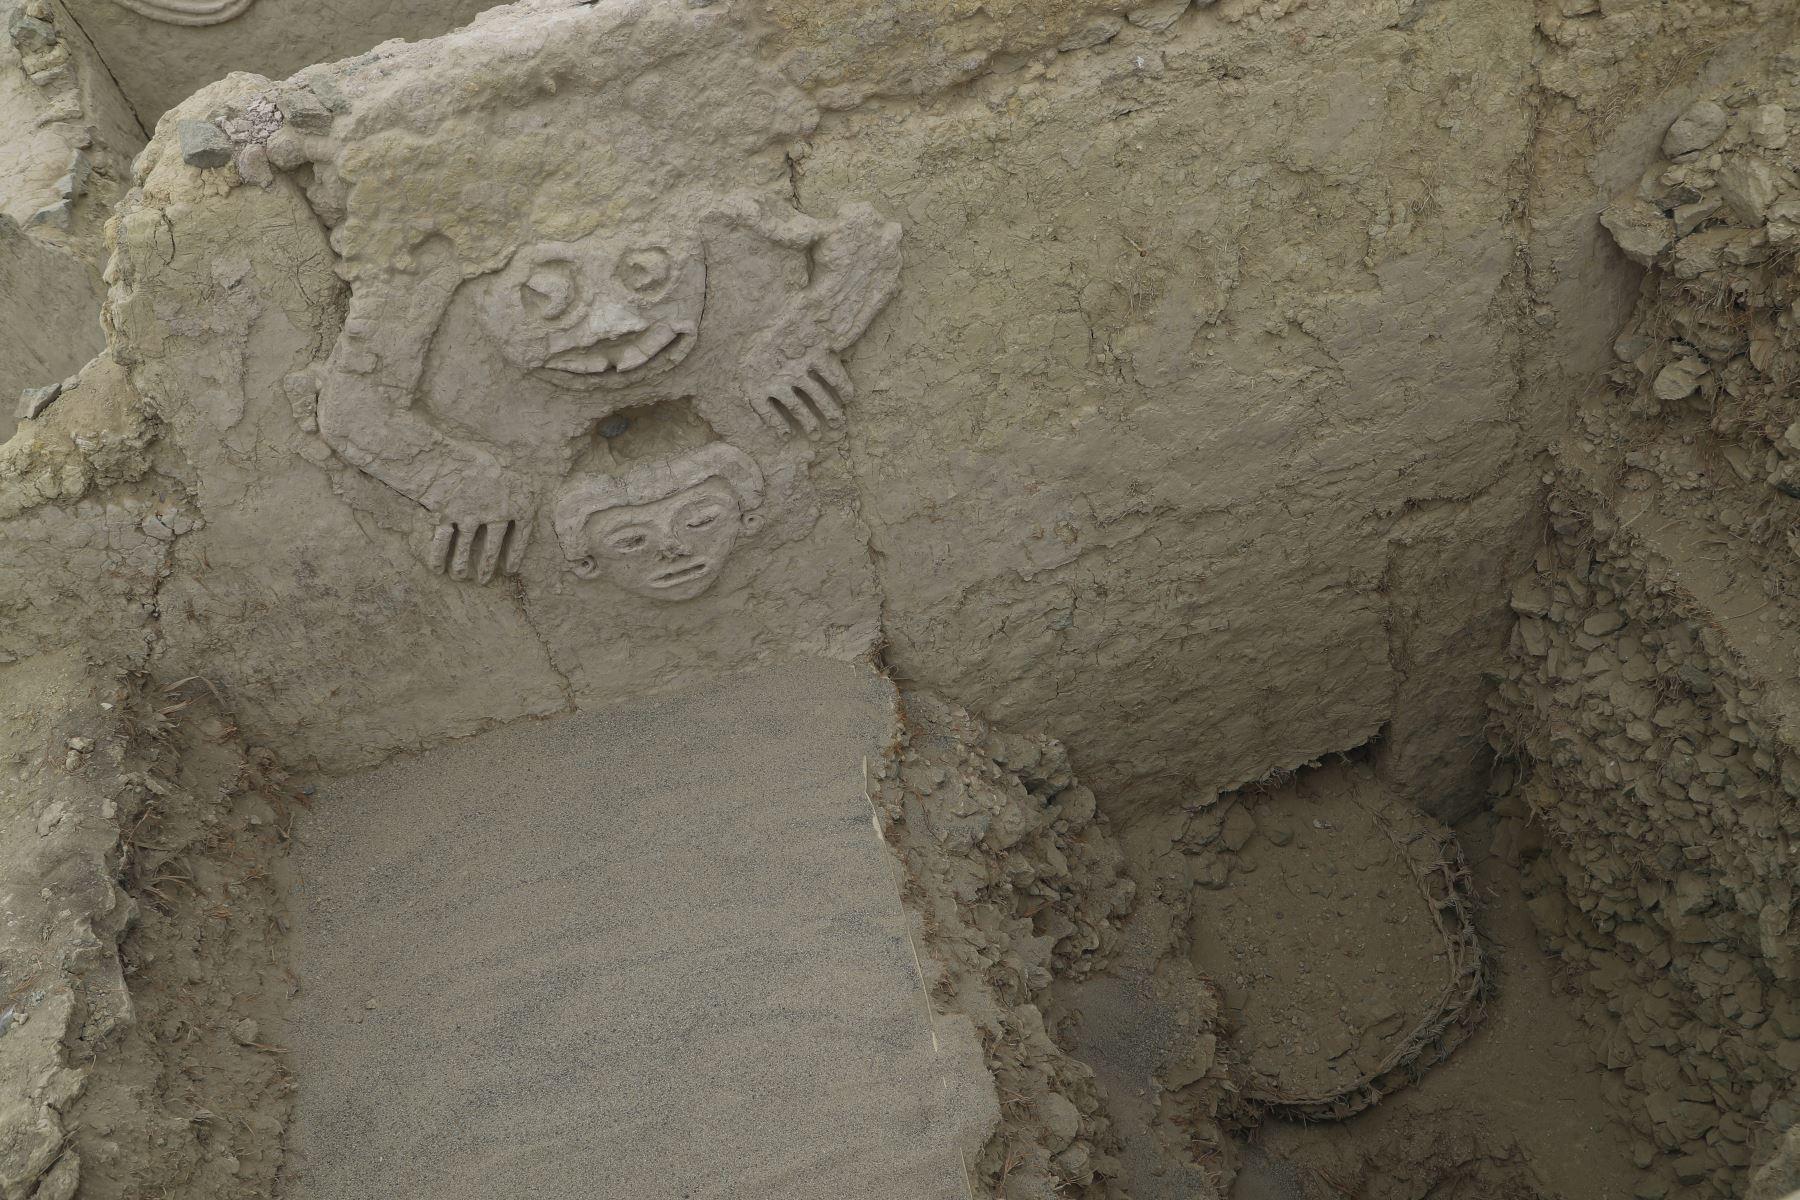 Descubren un muro de la civilización Caral en Perú se encuentra en uno de los edificios de Vichama. Foto: ANDINA/Josue Ramos